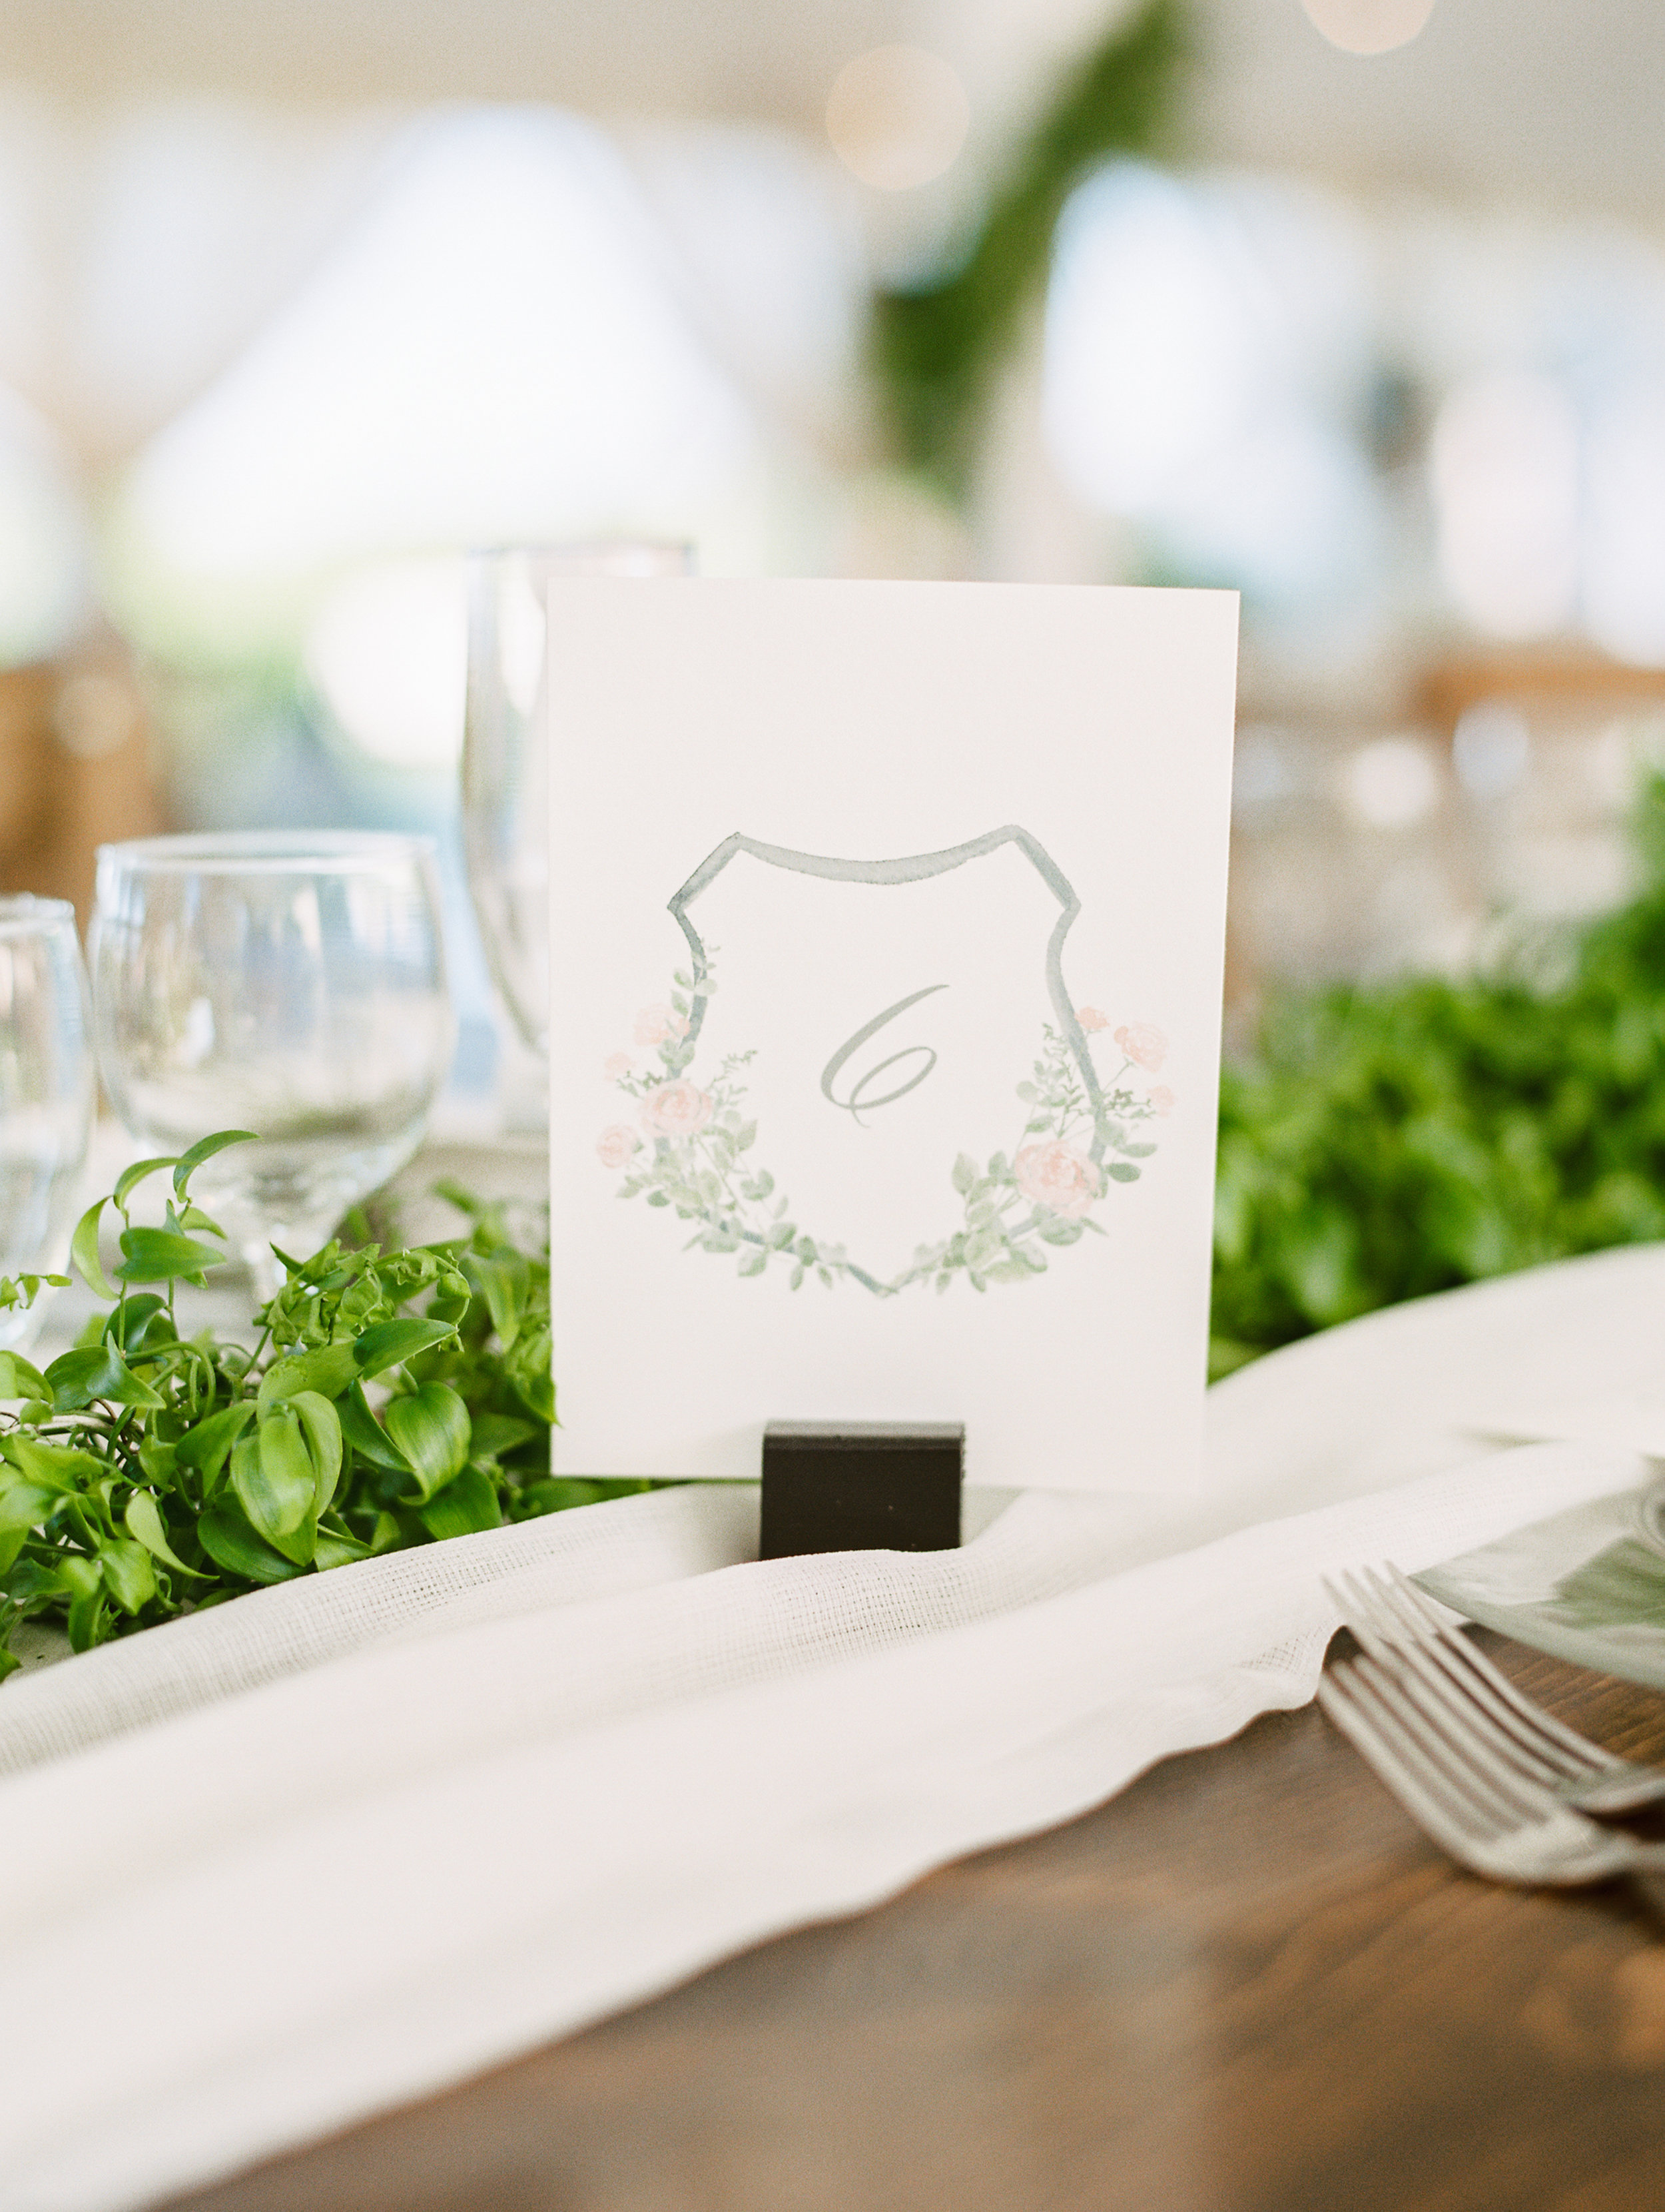 Steinlage+Wedding+Reception+Details-122.jpg